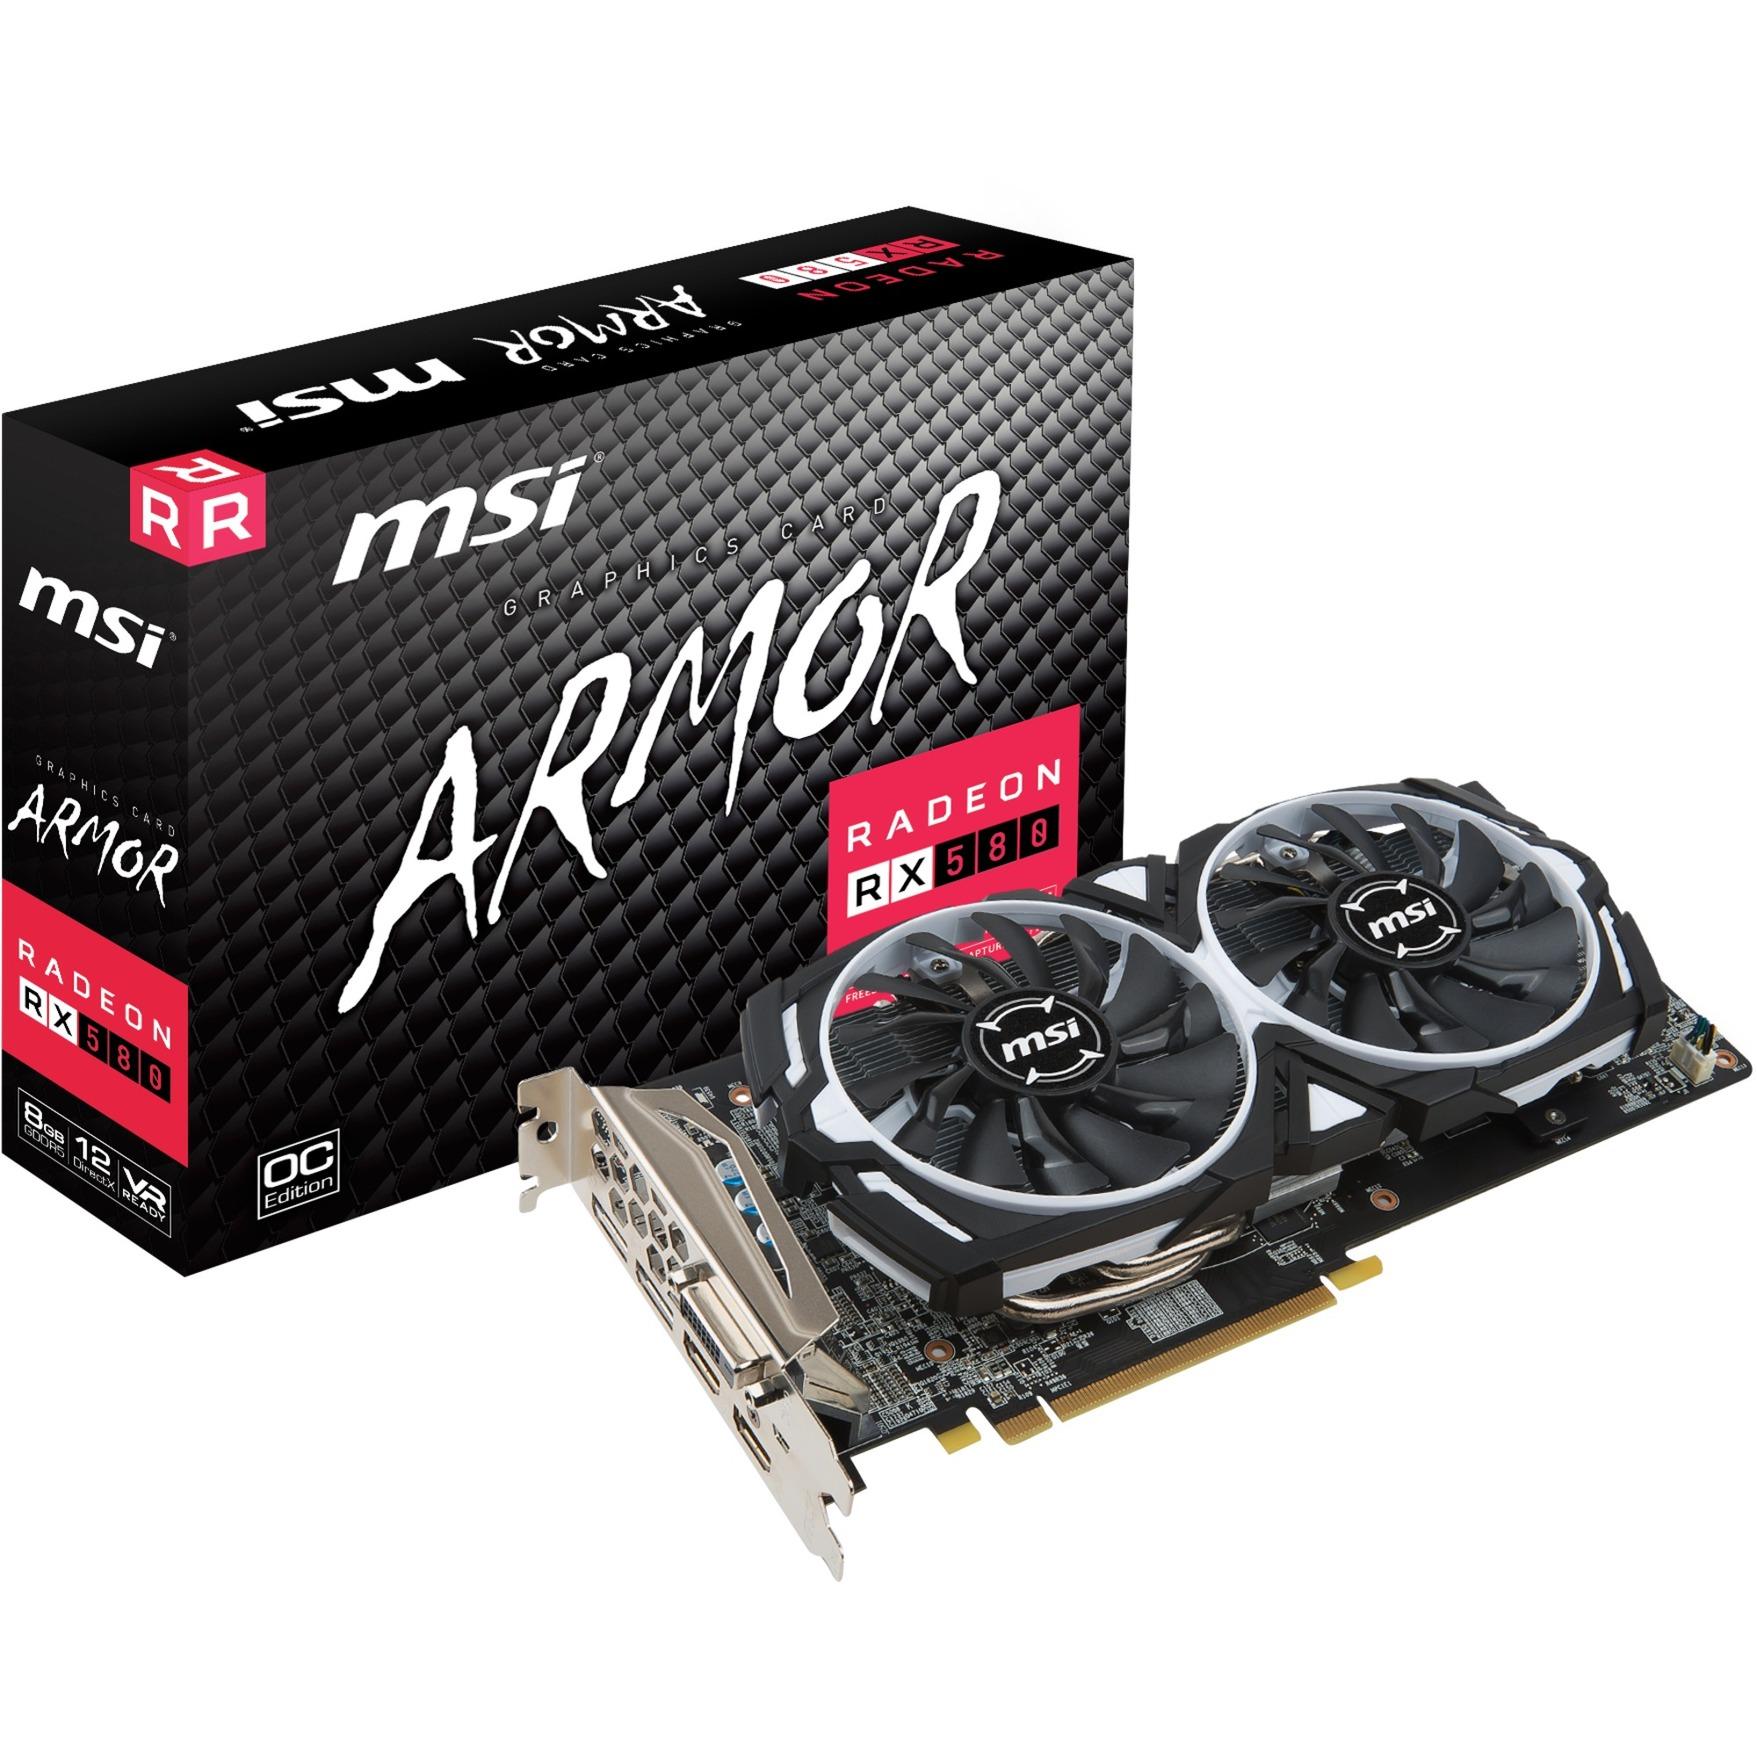 Radeon RX 580 ARMOR 8G OC, Carte graphique